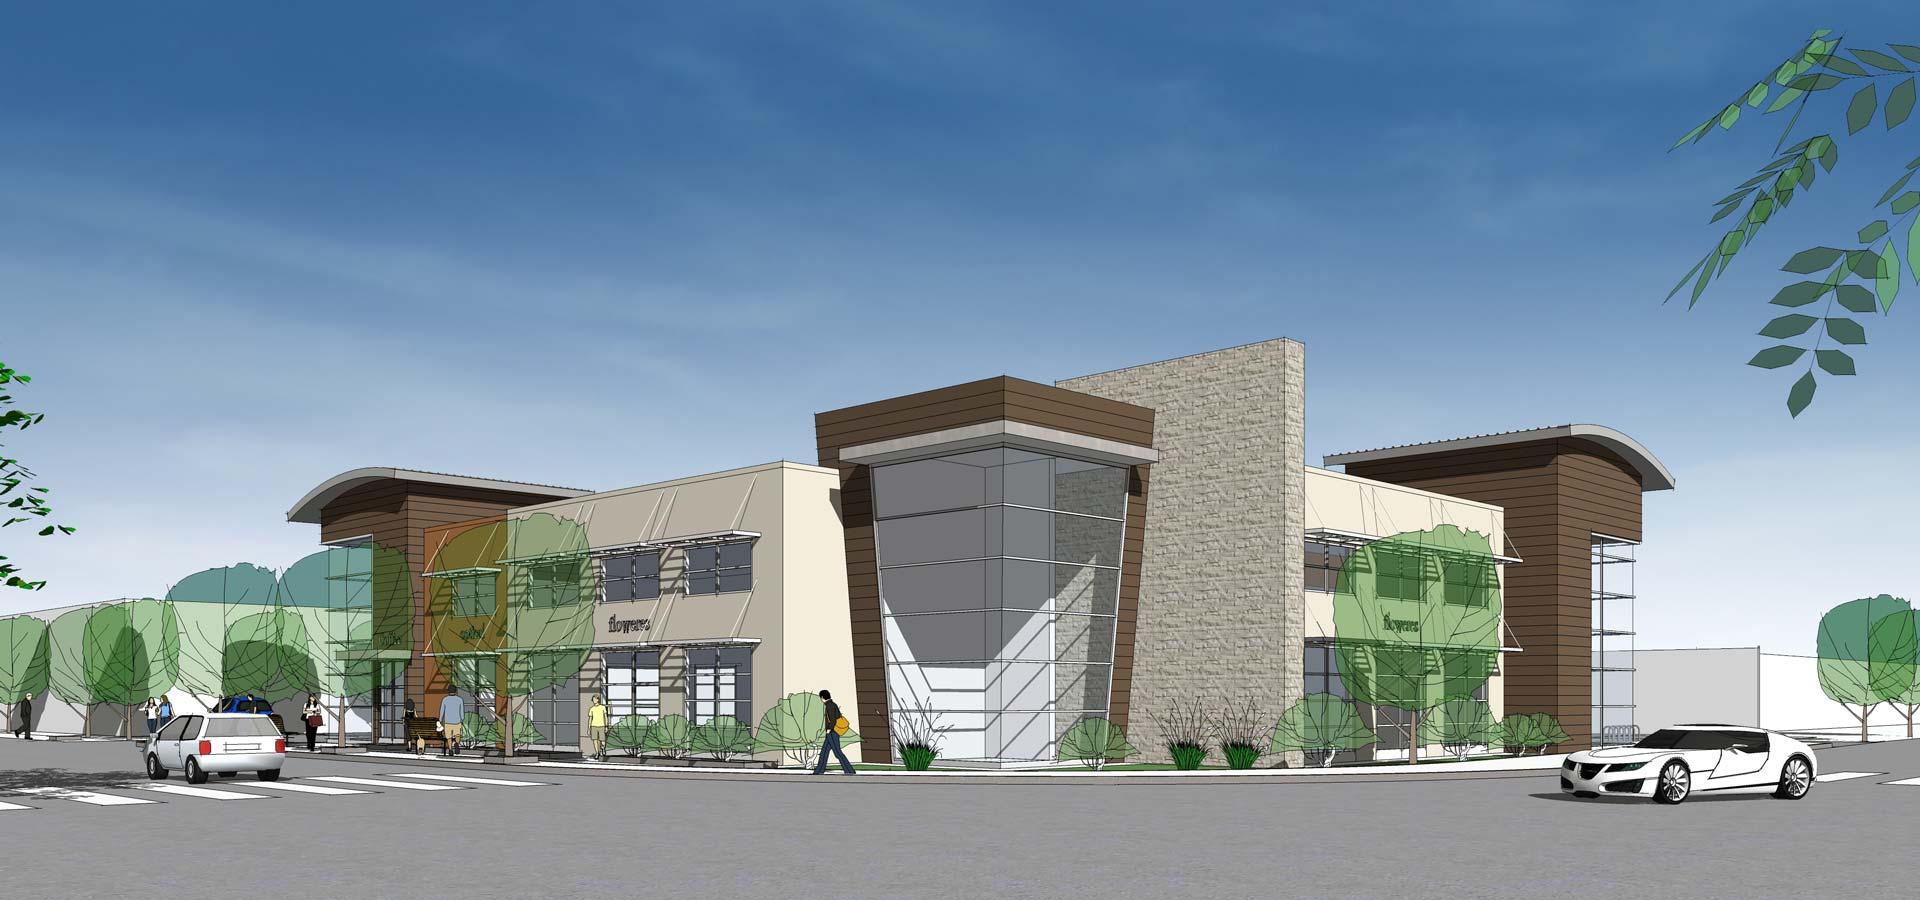 86 Contemporary Retail Architecture Dania 2 700x520